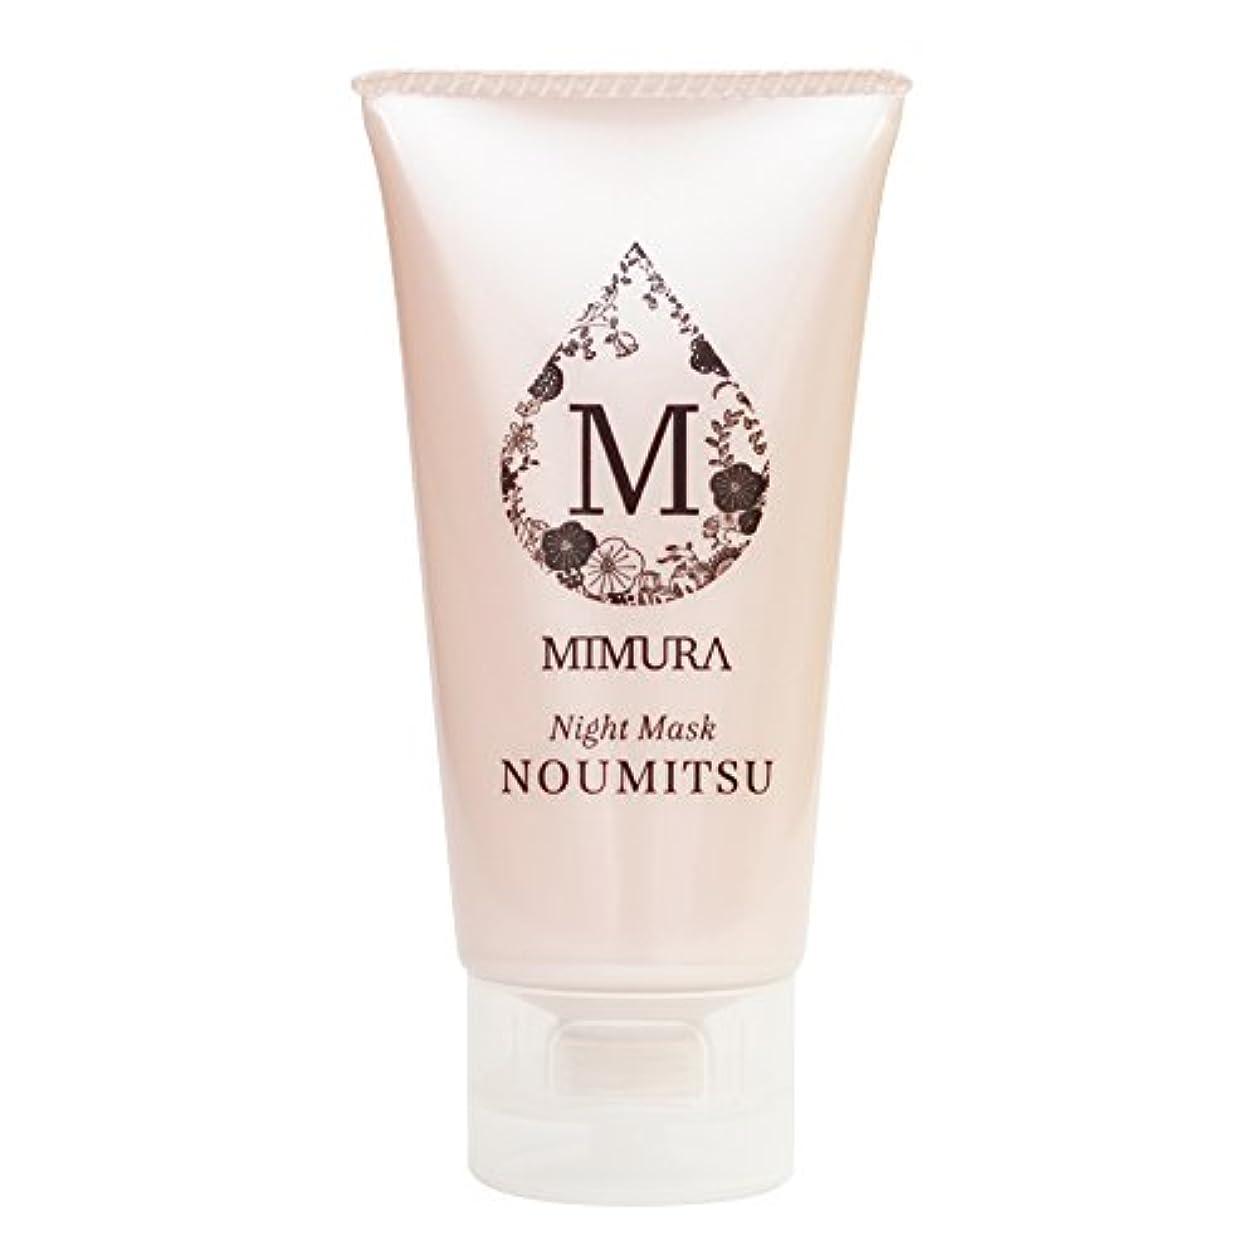 喉が渇いた神学校五ナイトケアクリーム 保湿 顔 用 ミムラ ナイトマスク NOUMITSU 48g MIMURA 乾燥肌 日本製